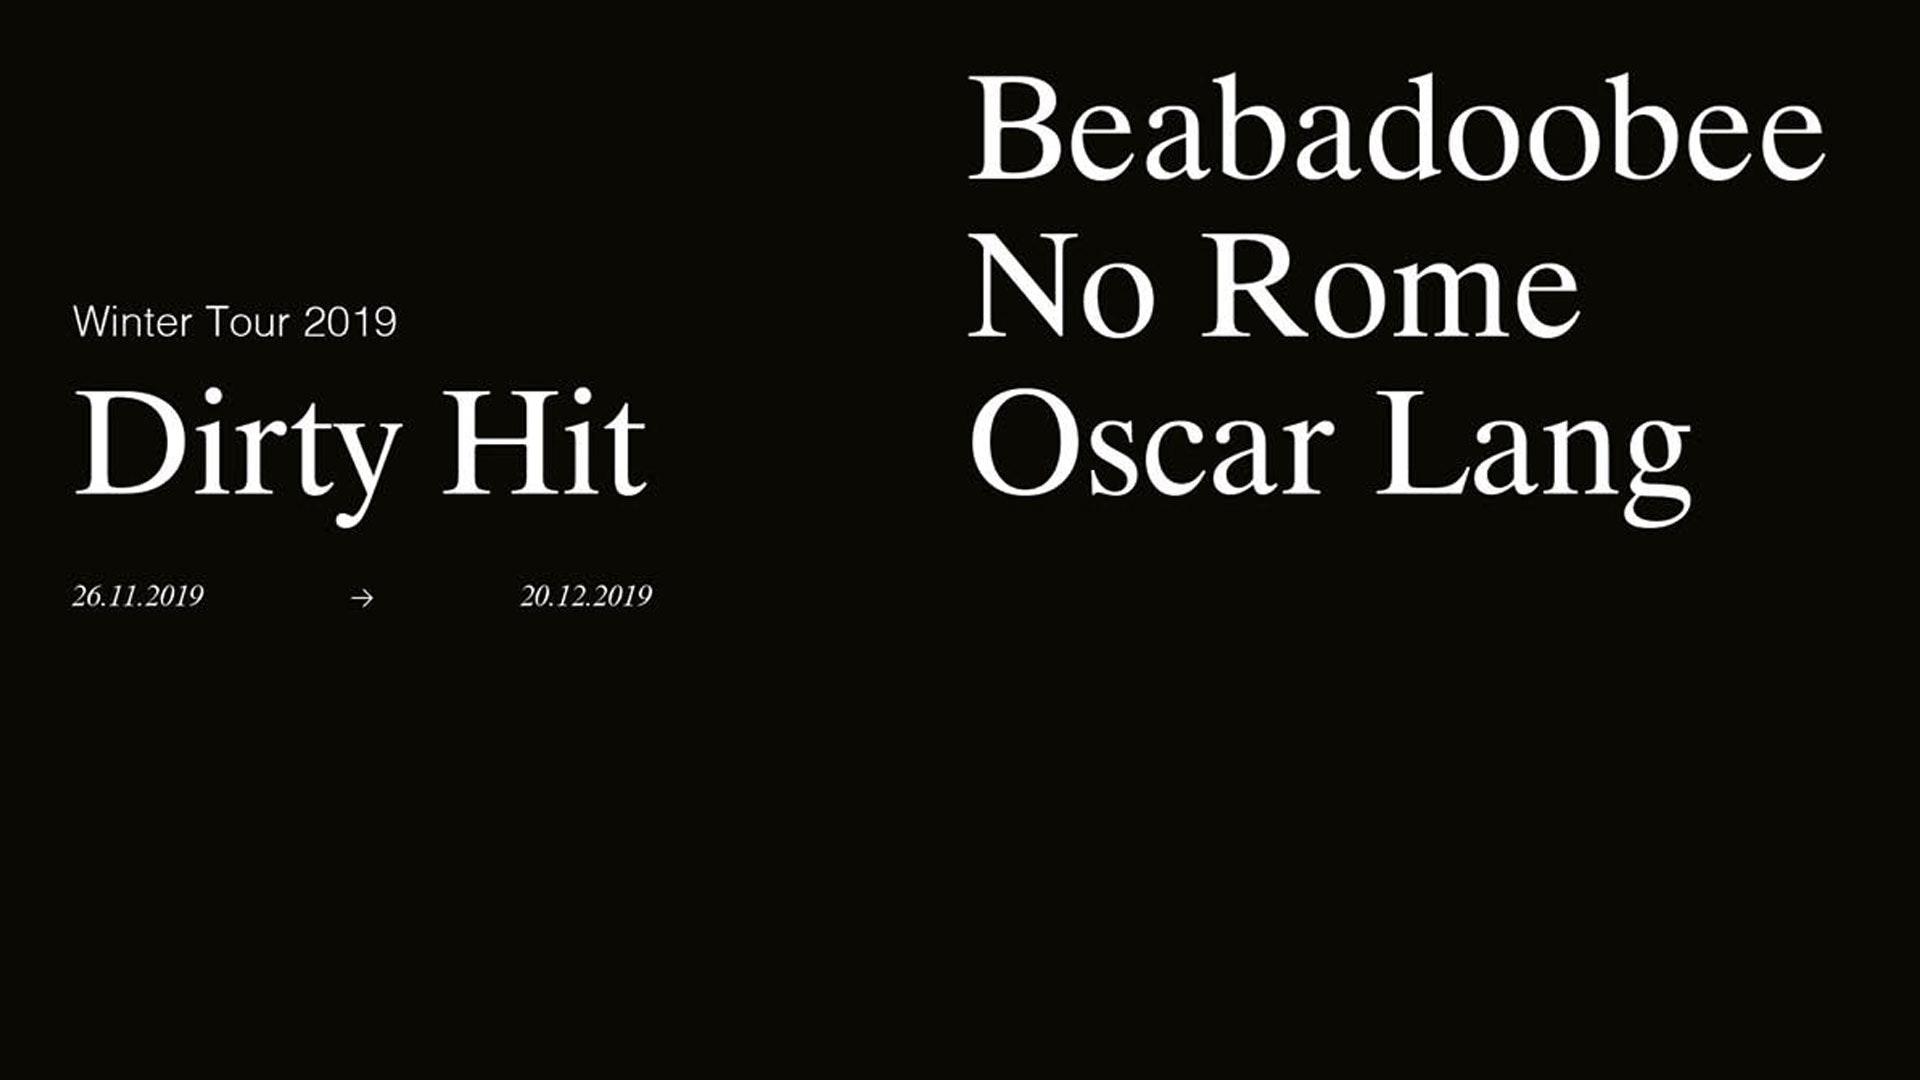 [Venue upgrade] Dirty Hit Tour presents Beabadoobee, No Rome & Oscar Lang